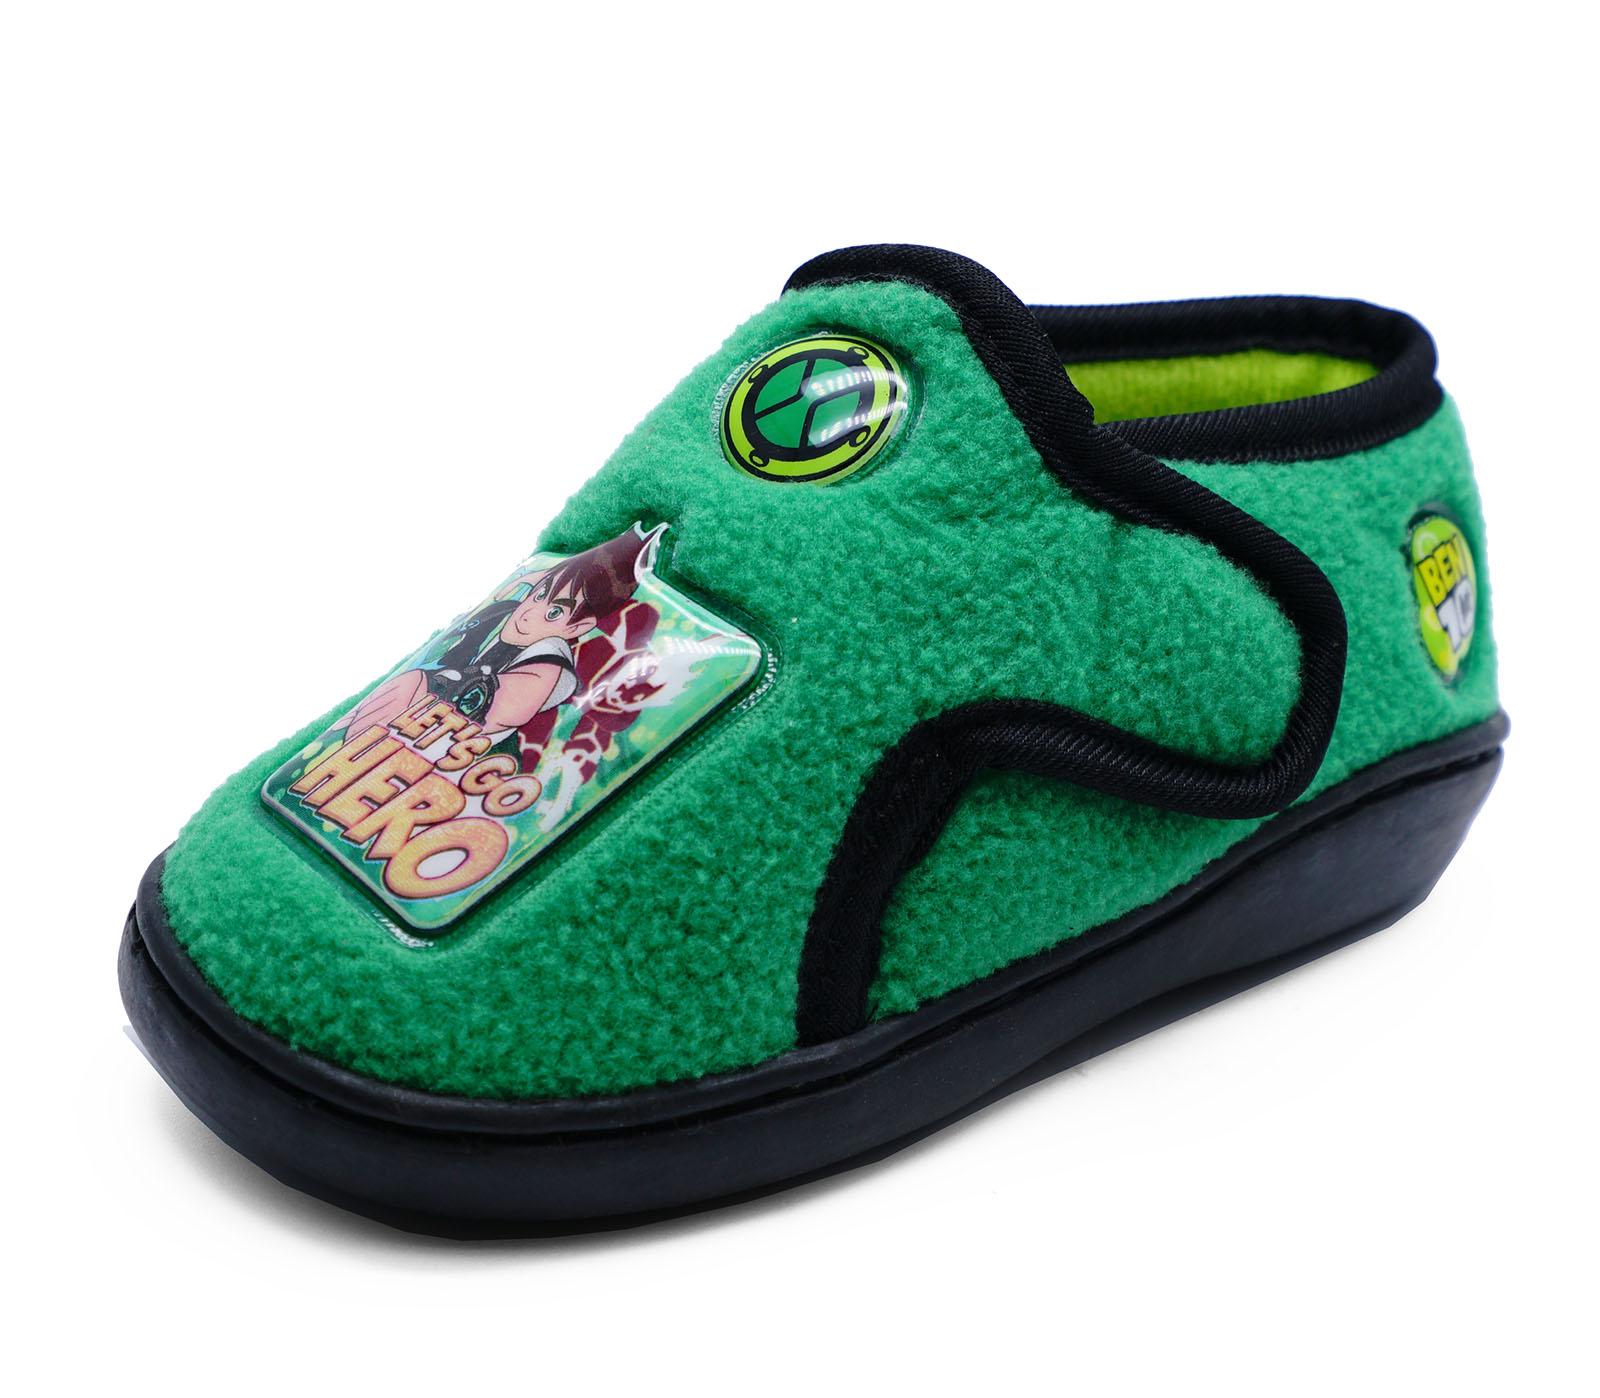 Chicos Infantes Niños Ben 10 Verde Cómodos Pantuflas Zapatos De Regalo Novedad Para Niños 4-8